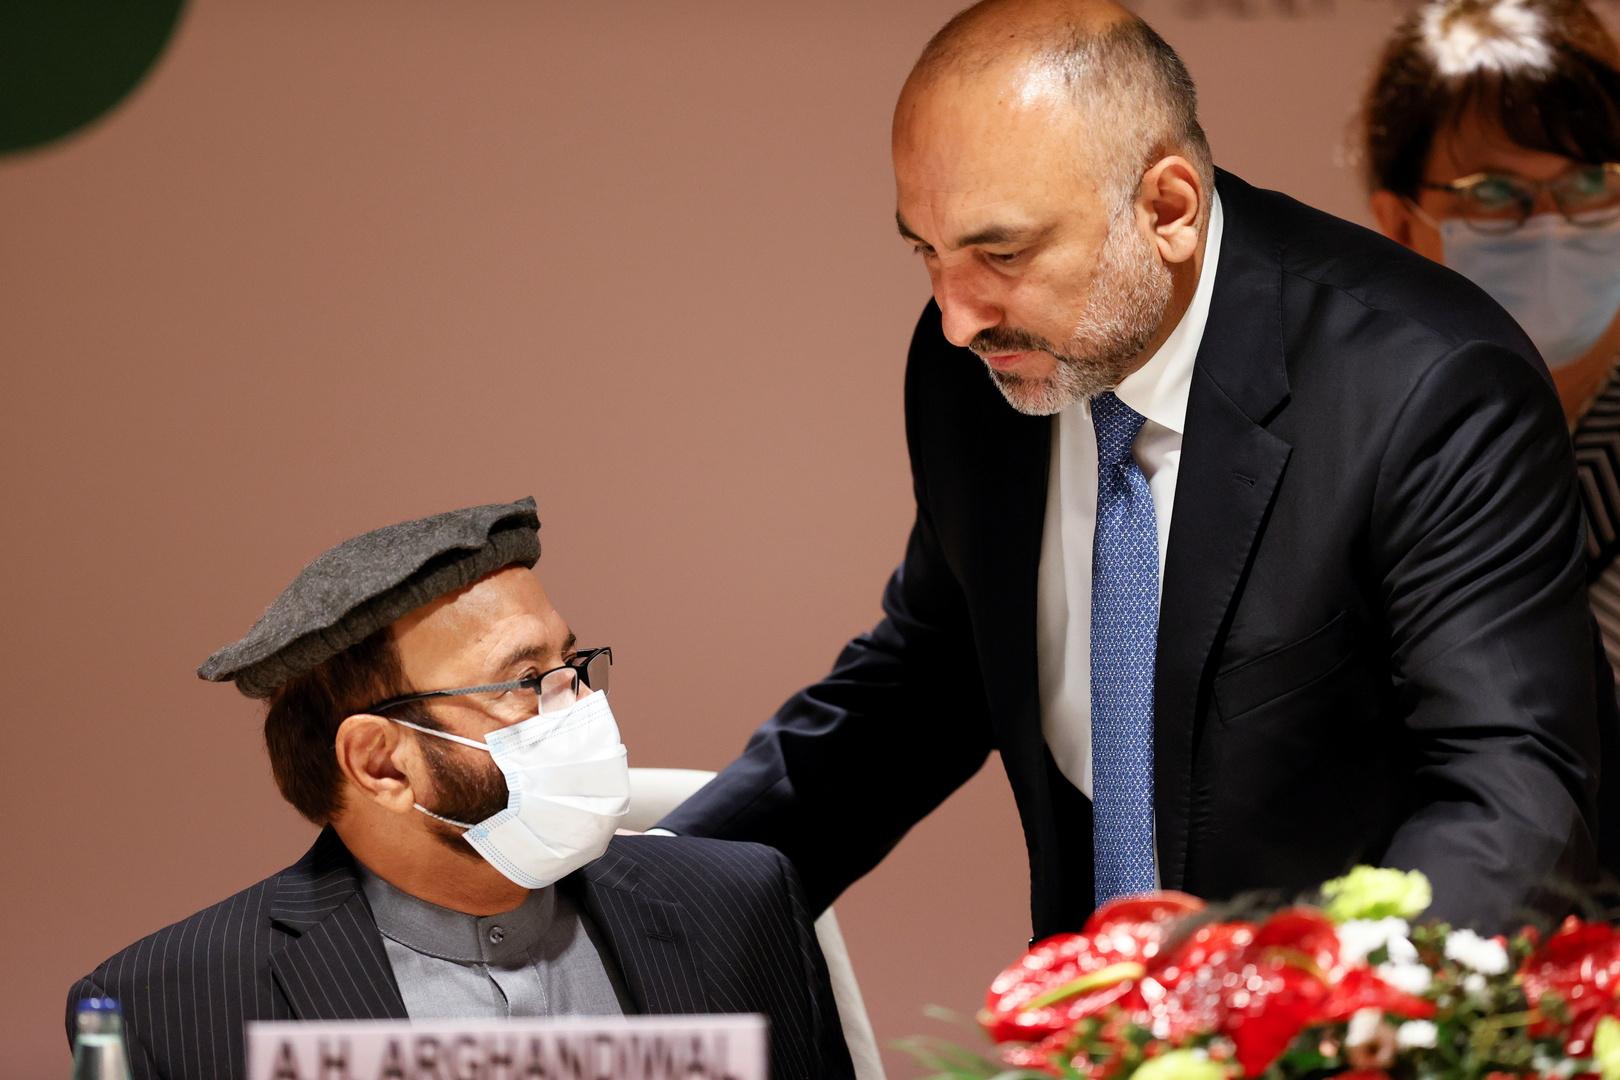 عشرات المانحين الدوليين يتعهدون بمليارات الدولارات لأفغانستان